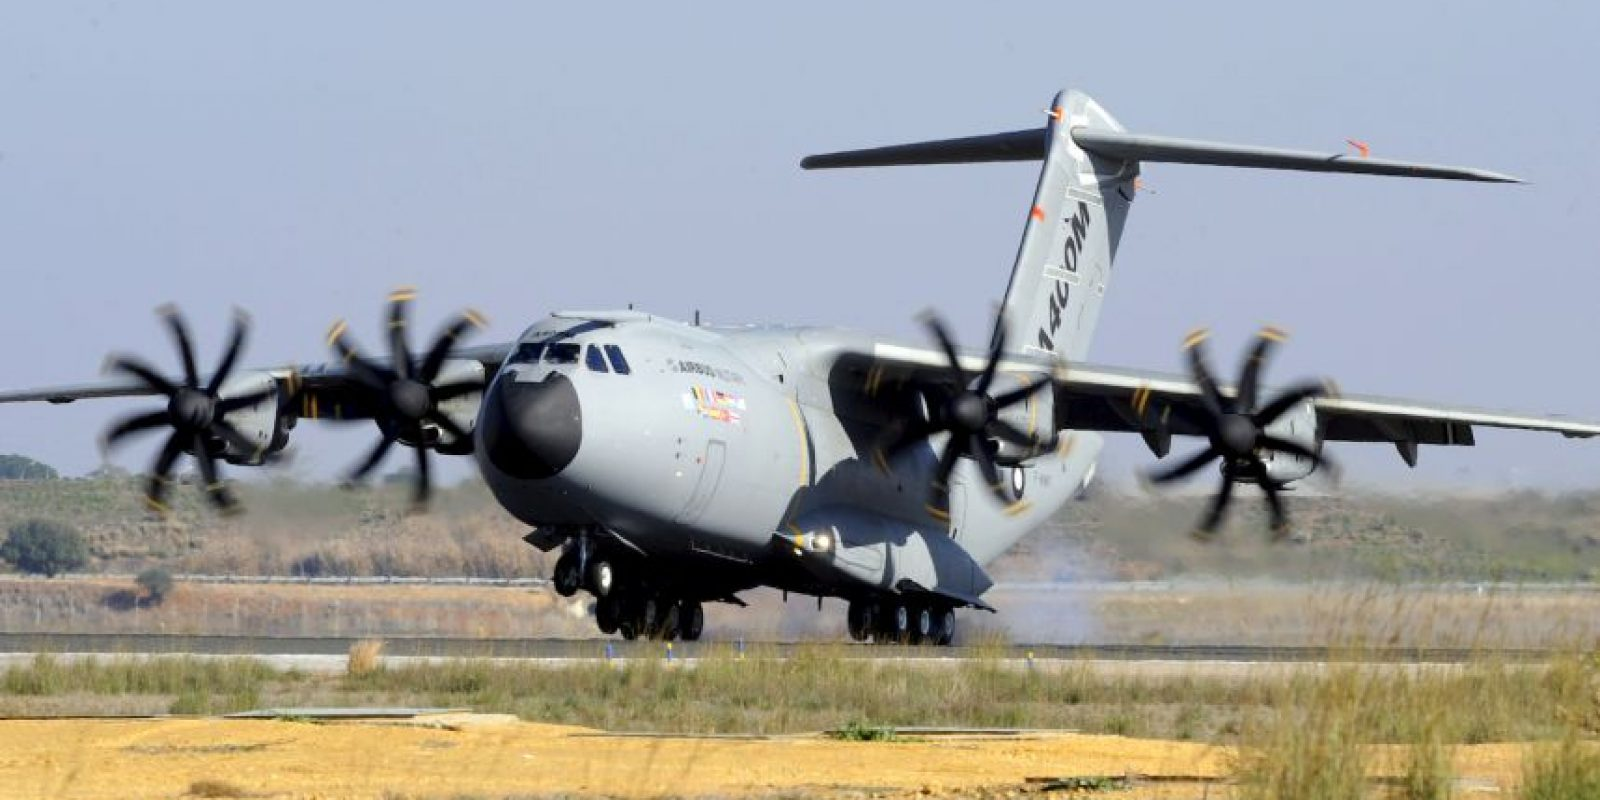 El avión militar A400M, en el despegue, antes del accidente. Foto:AFP